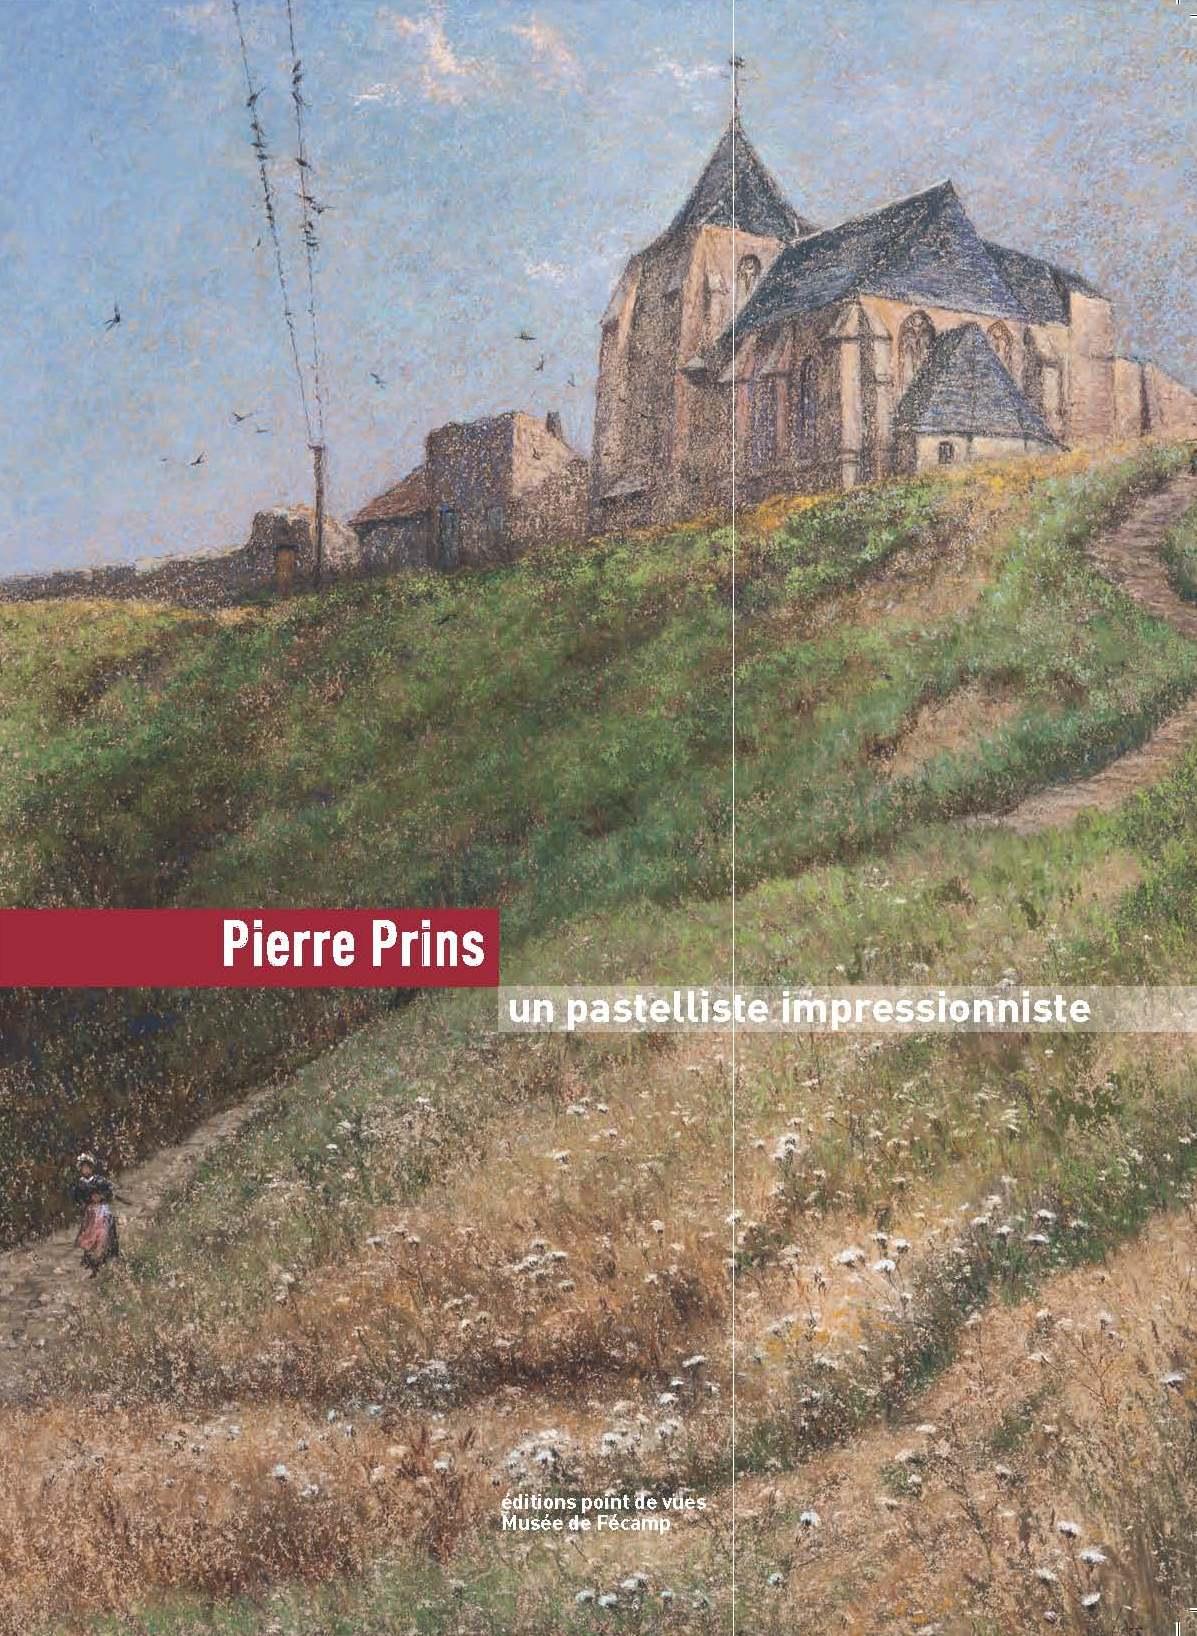 Pierre Prins, un pastelliste impressionniste